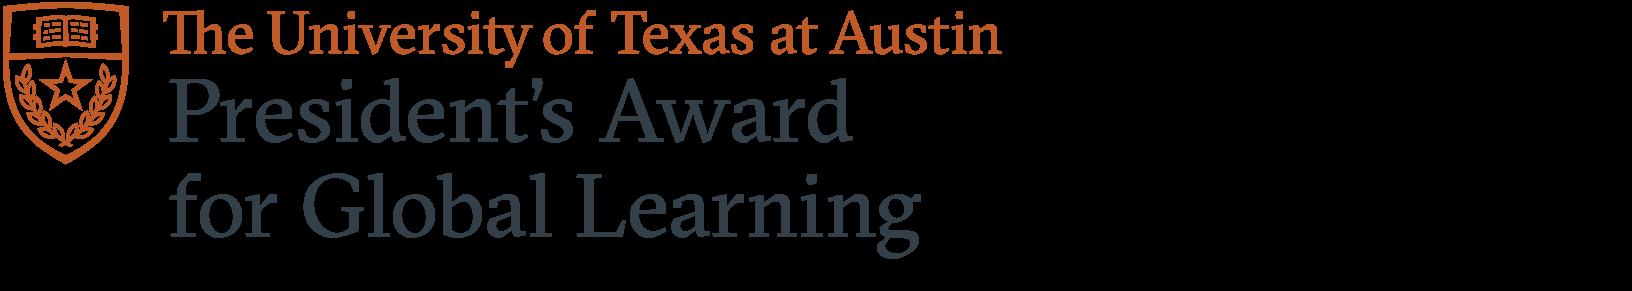 President's Award for Global Learning logo.